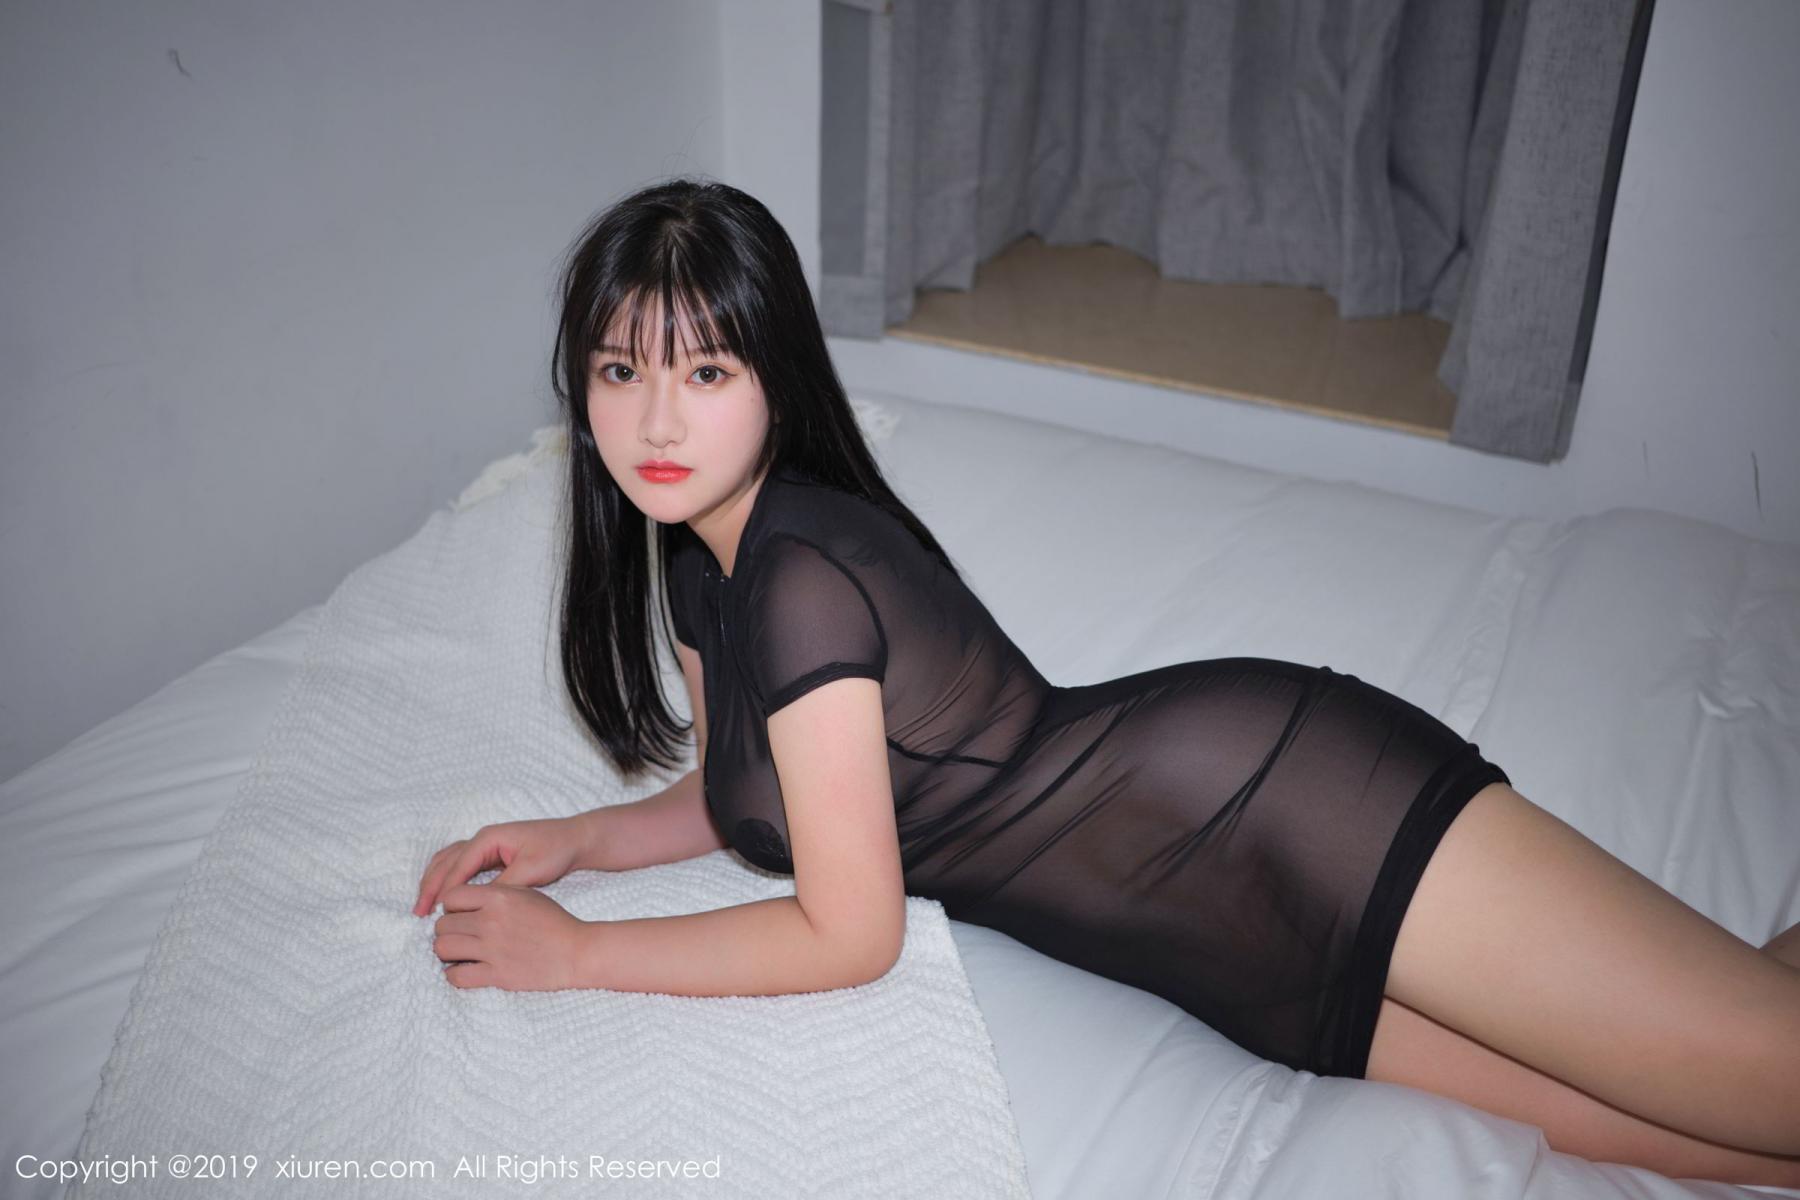 [XiuRen] Vol.1824 Lu Lu Xiao Miao 34P, Baby Face Big Boobs, Lu Lu Xiao Miao, Maid, Xiuren